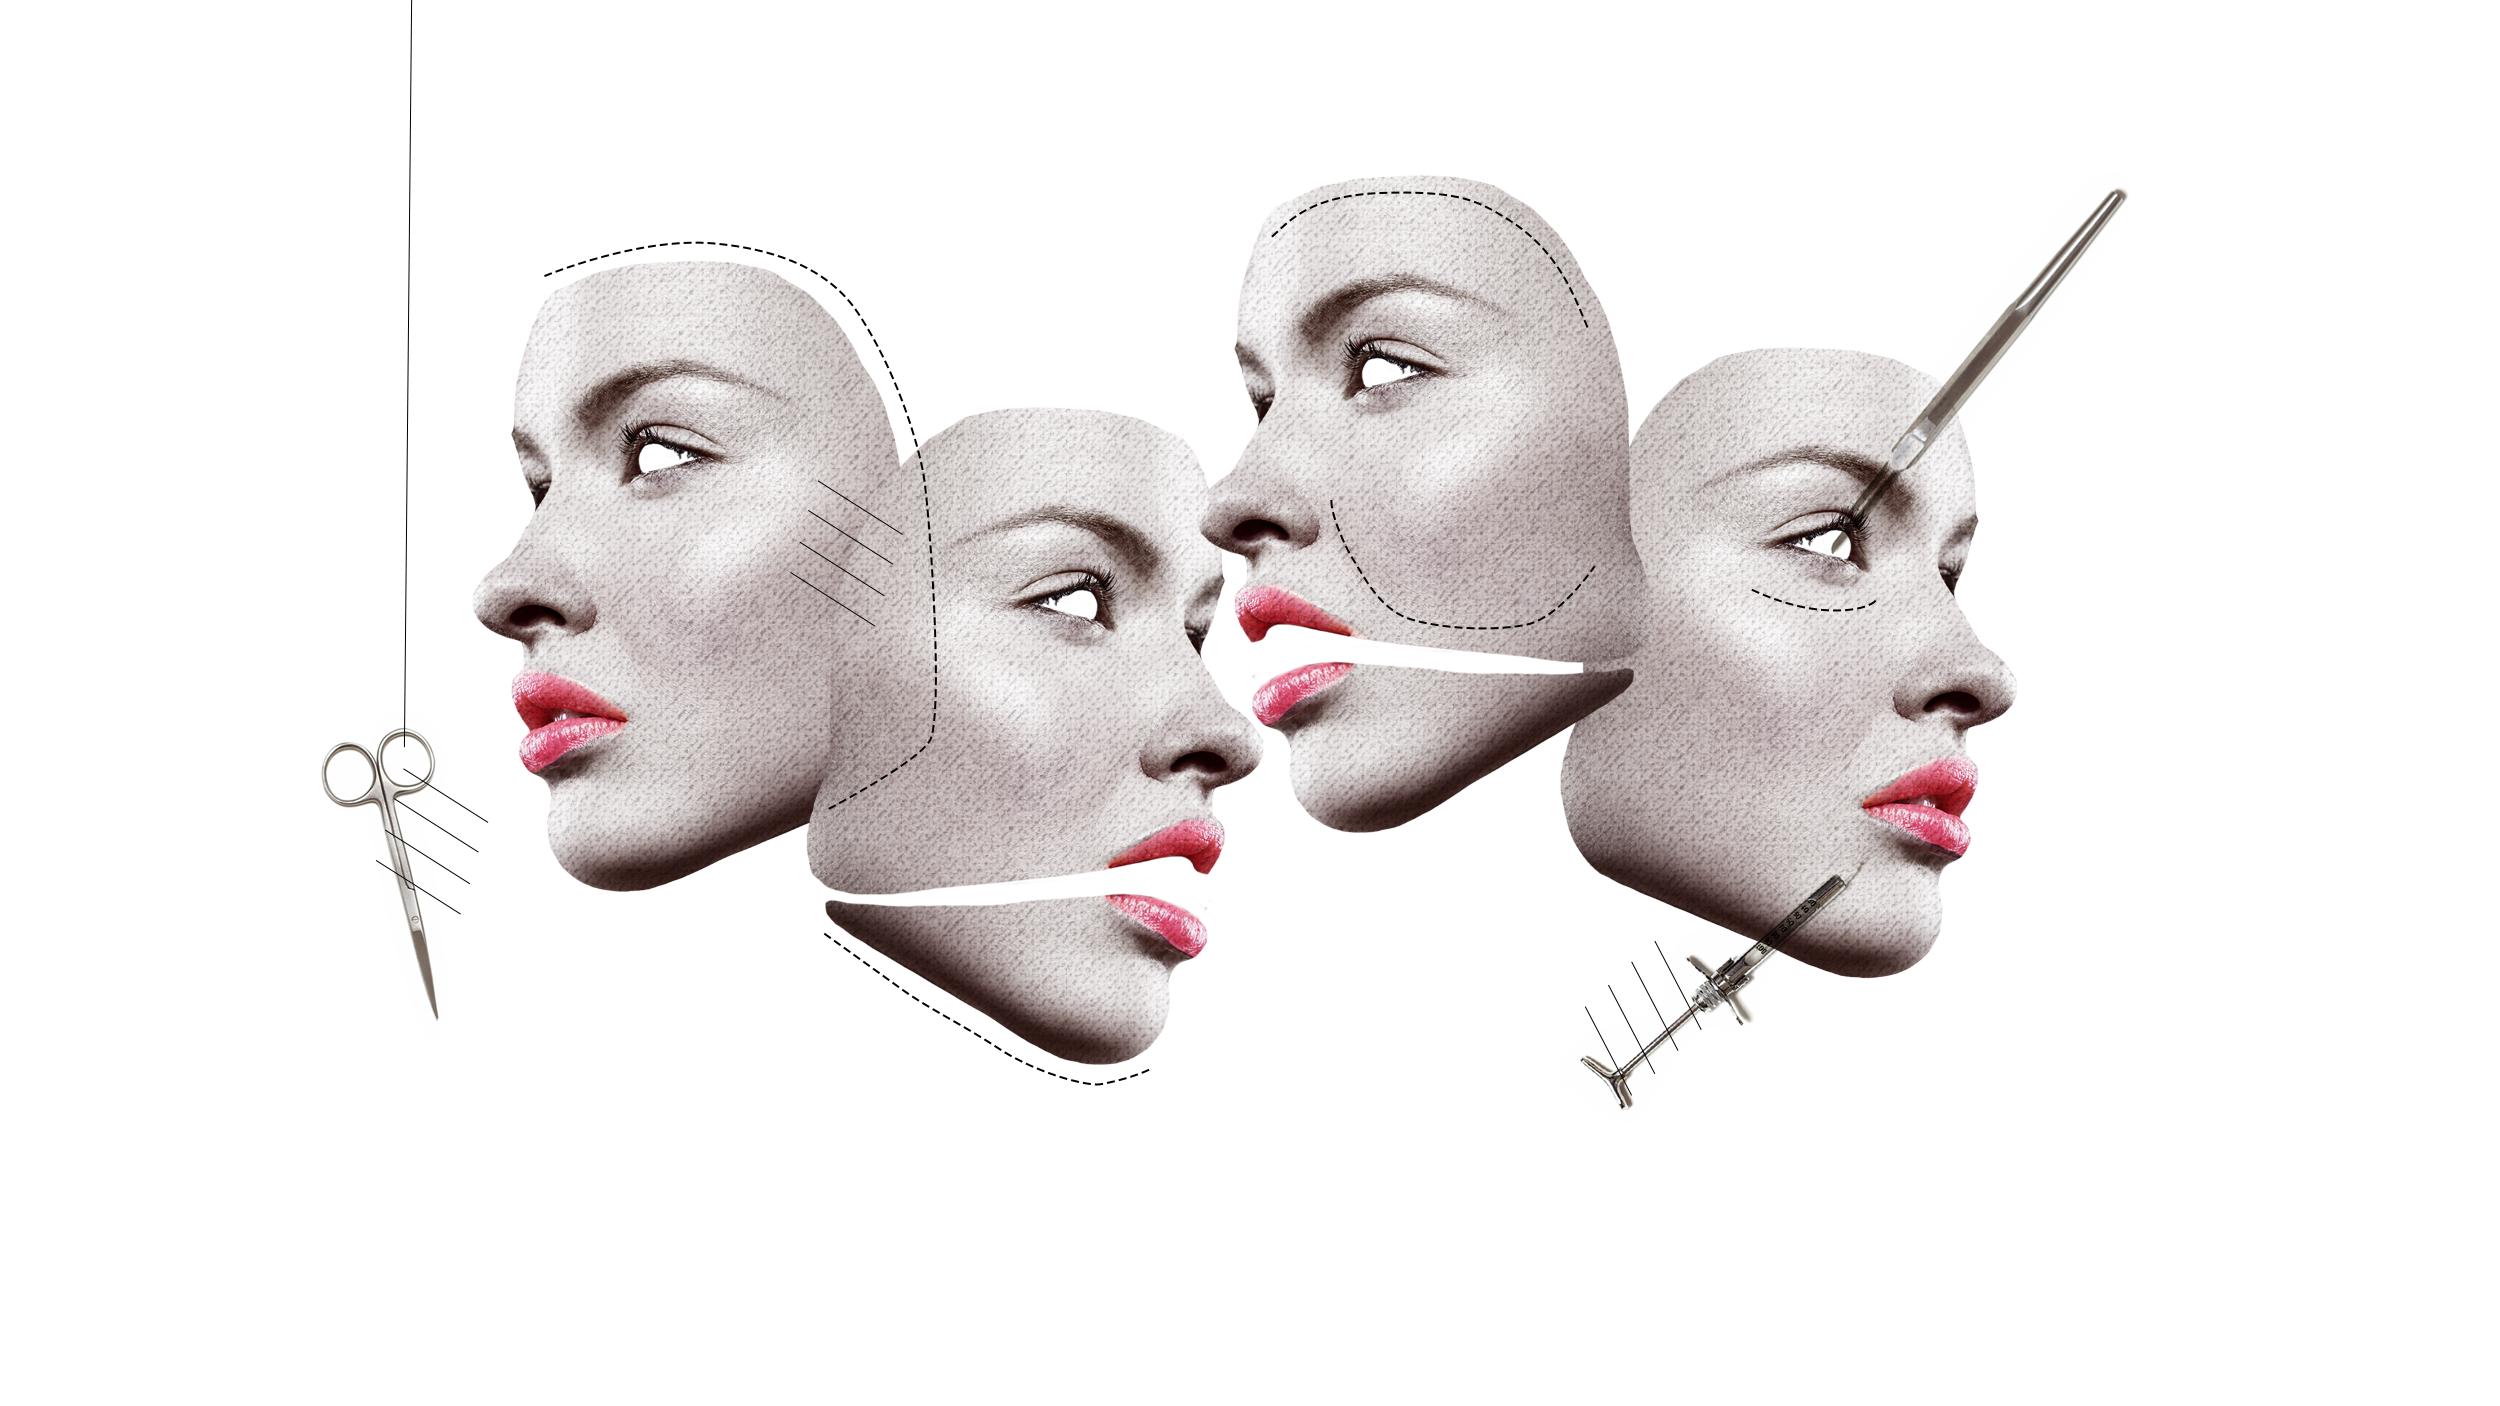 Top Plastic Surgery Trends of 2018 - Top Cosmetics Procedures of